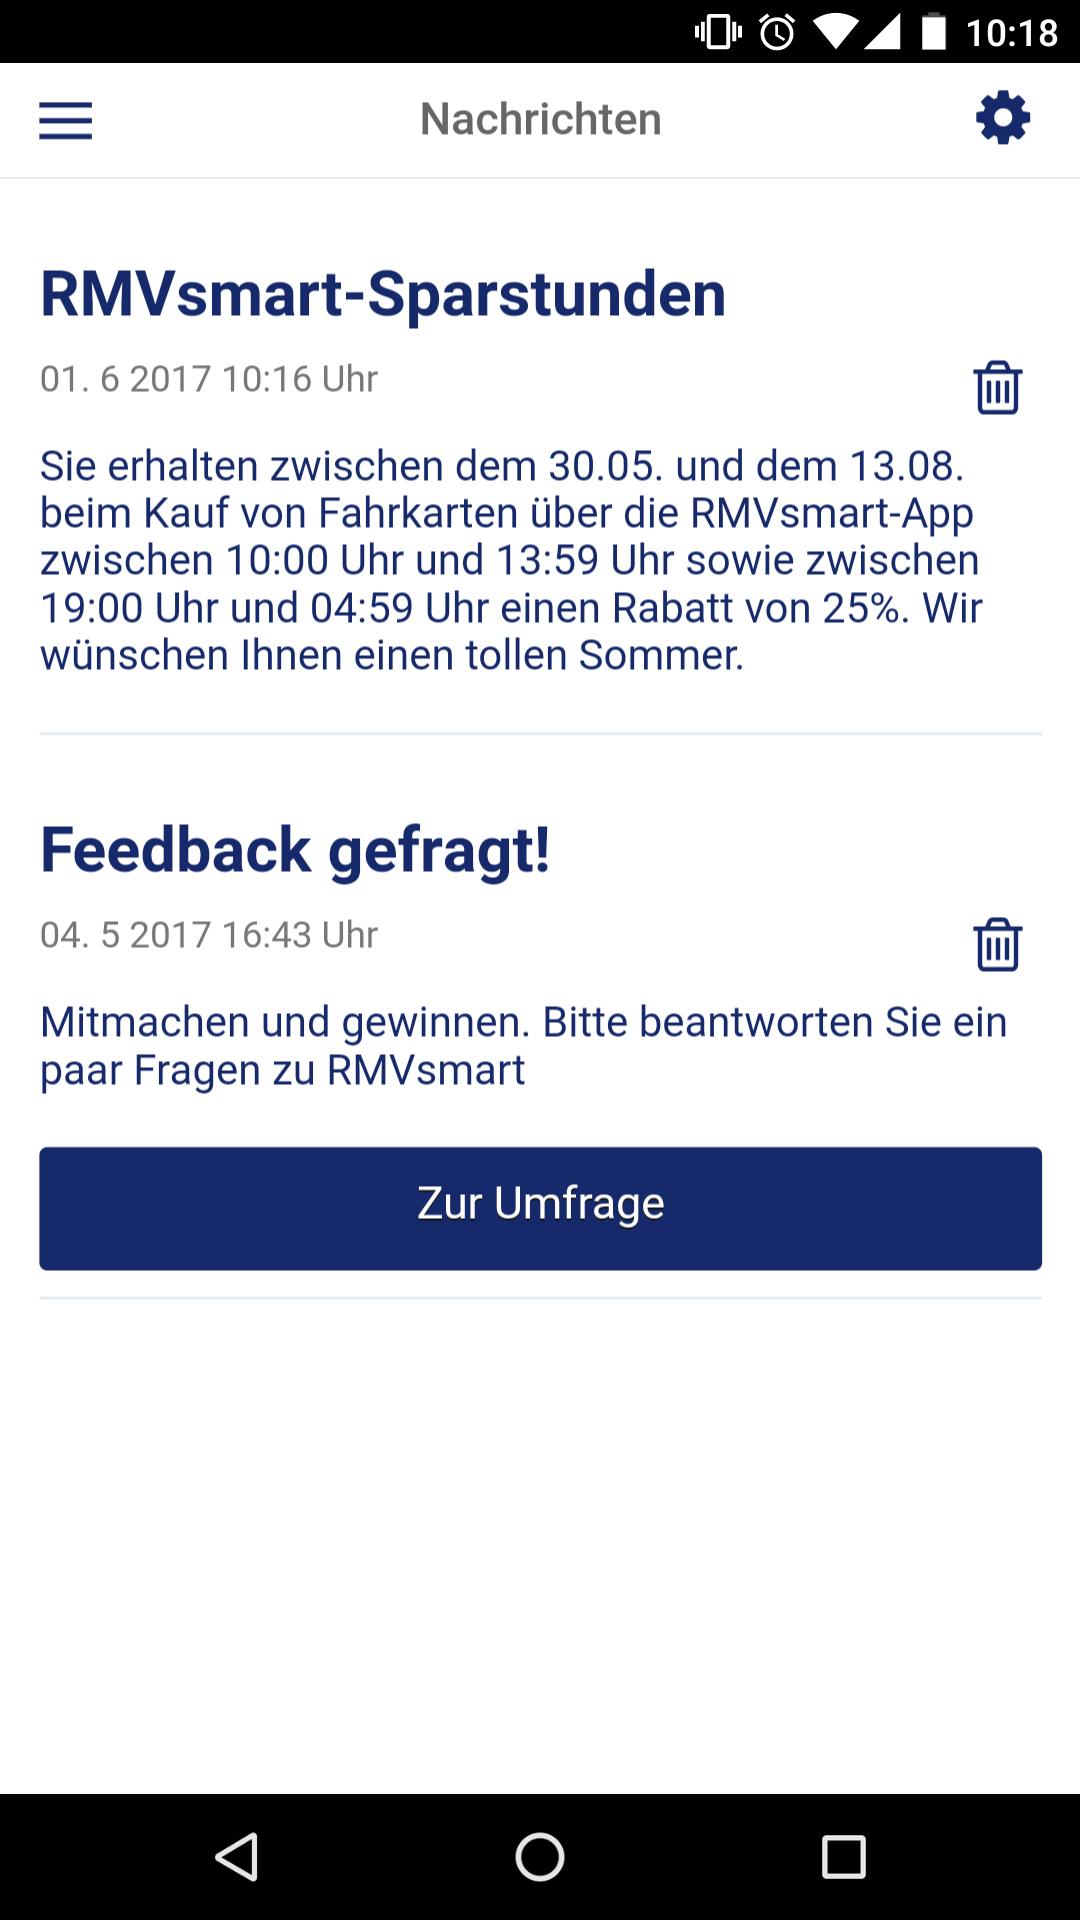 [Rhein-Main] 25% extra Rabatt bei Ticketkauf mit RMV smart app vom 30.5 - 13.8